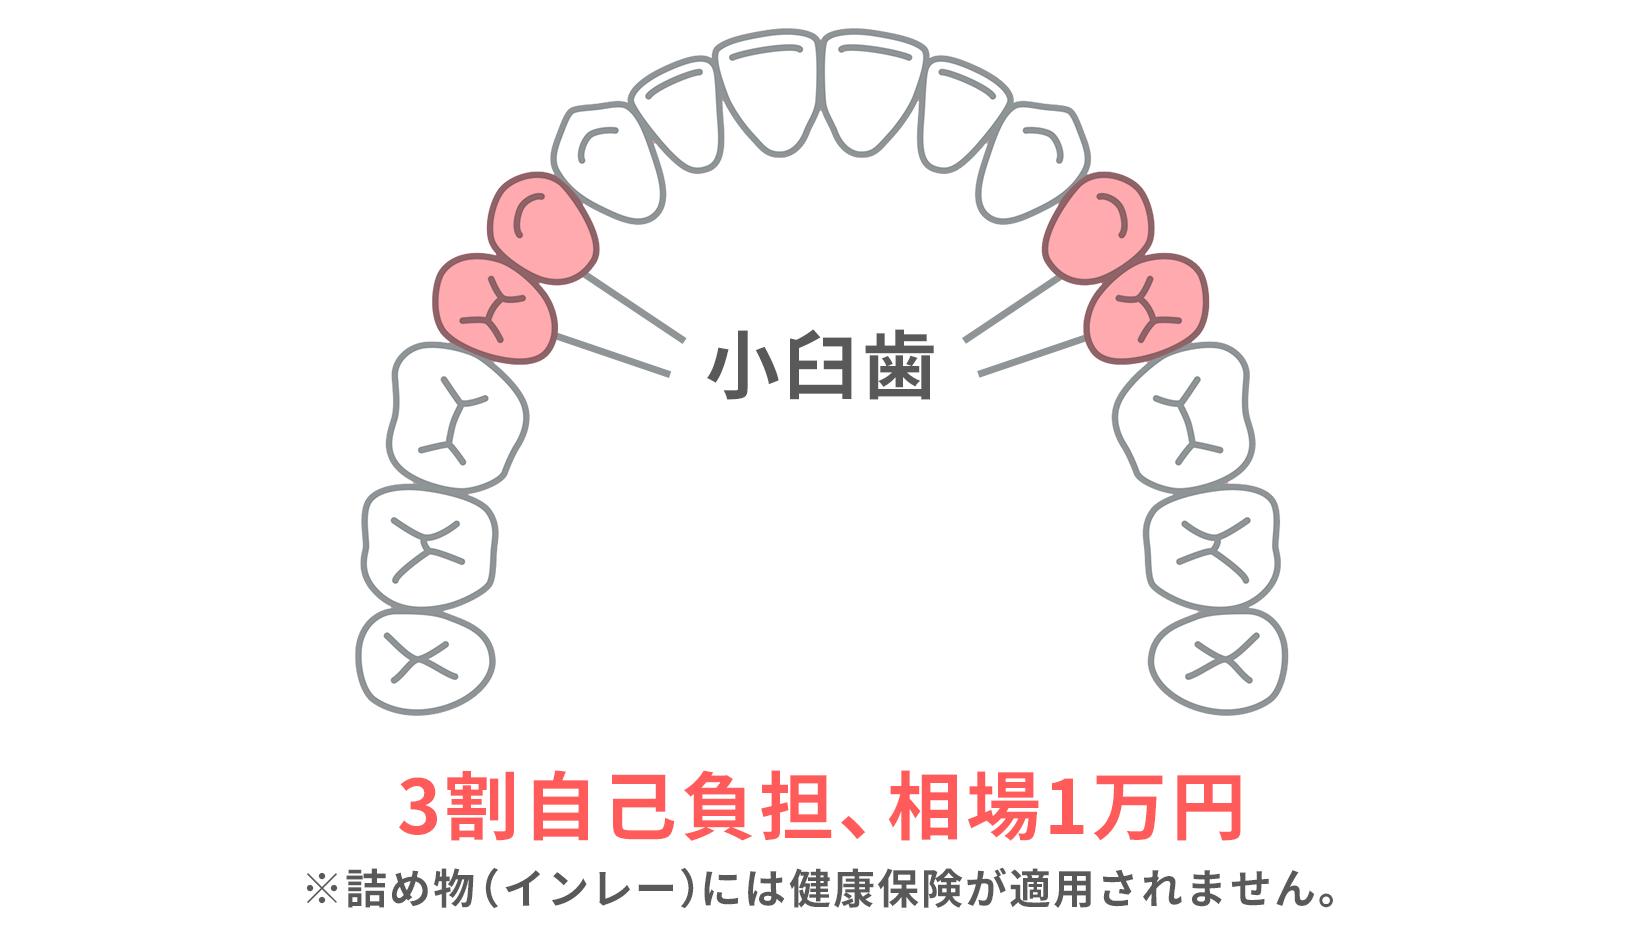 前歯から数えてから4~5番目の歯である小臼歯に使用するかぶせ物の場合のみ、健康保険が適用される。3割自己負担で相場1万円